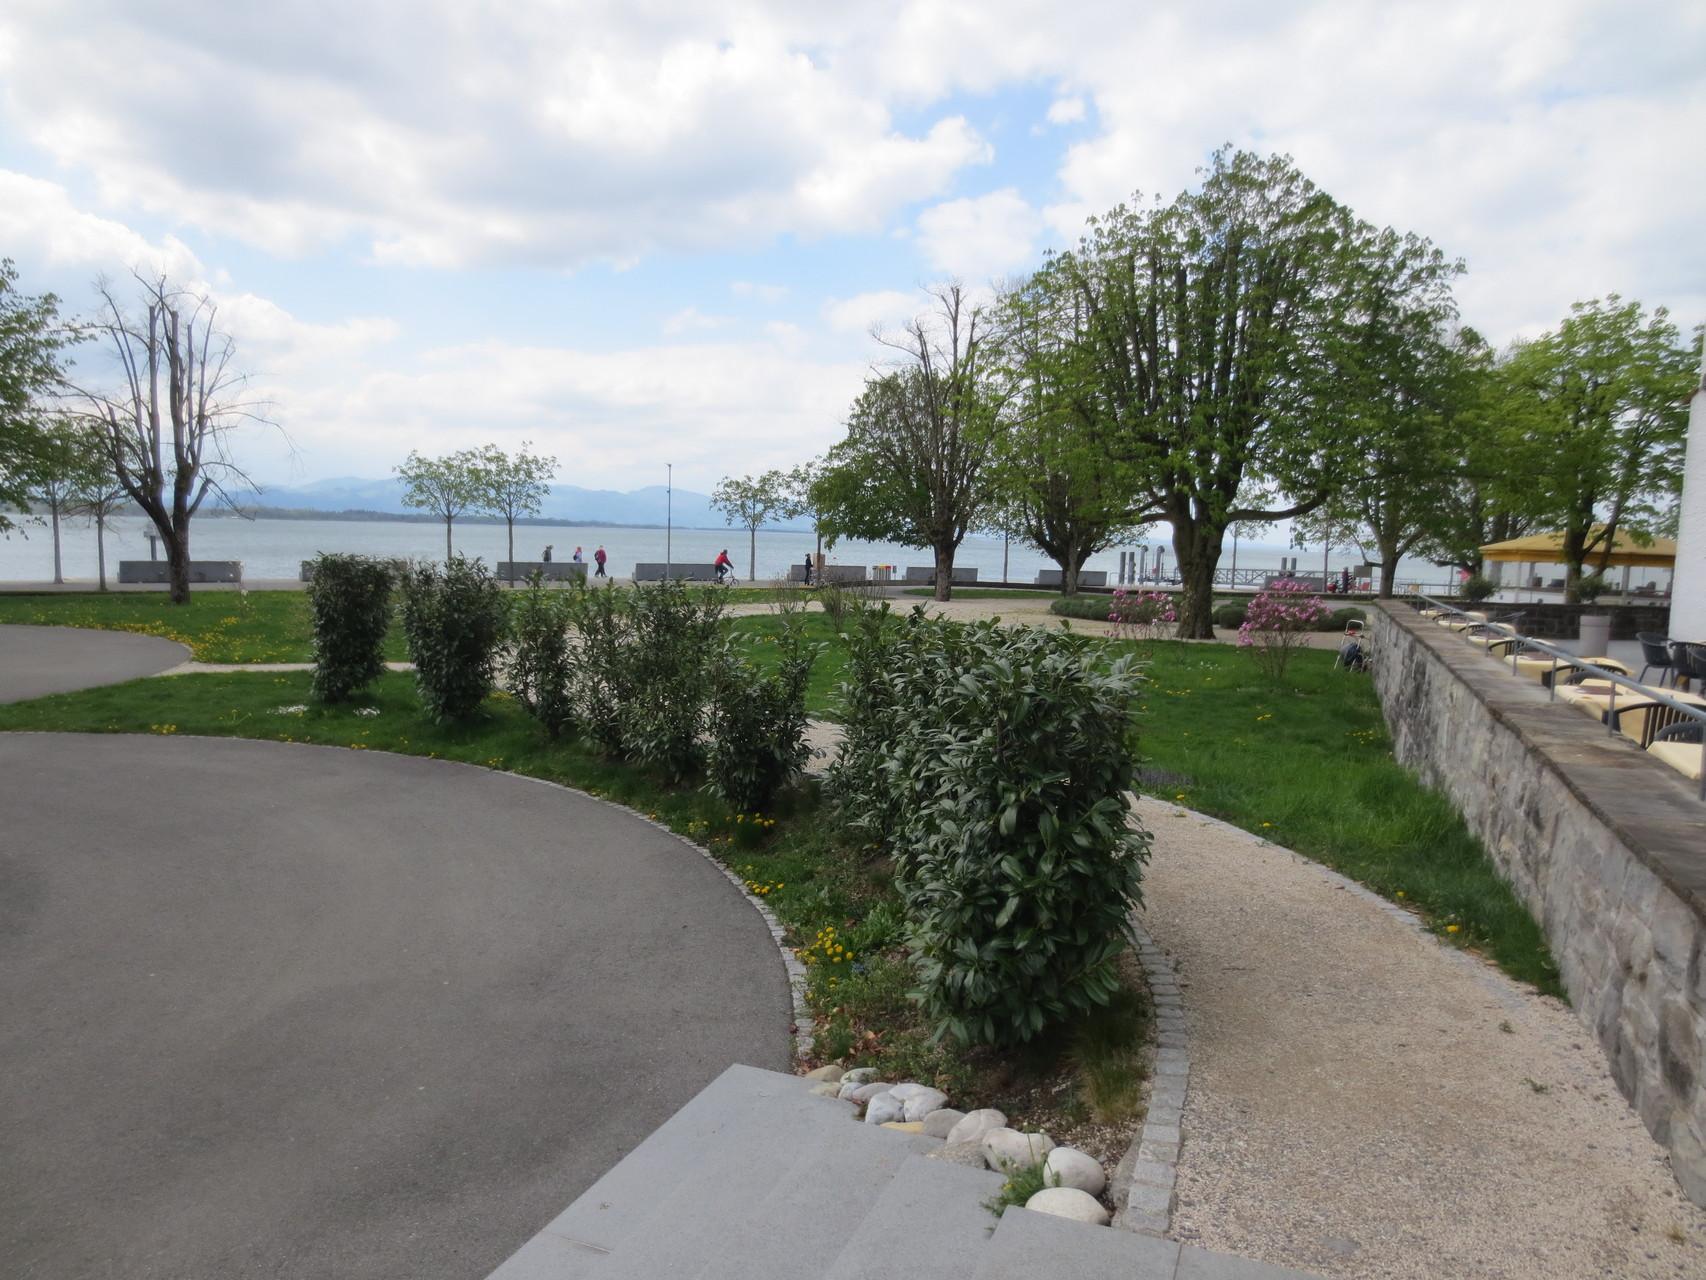 Idylle am See - unmittelbare Umgebung - Sentido Seehotel am Kaiserstrand im österreichischen Lochau